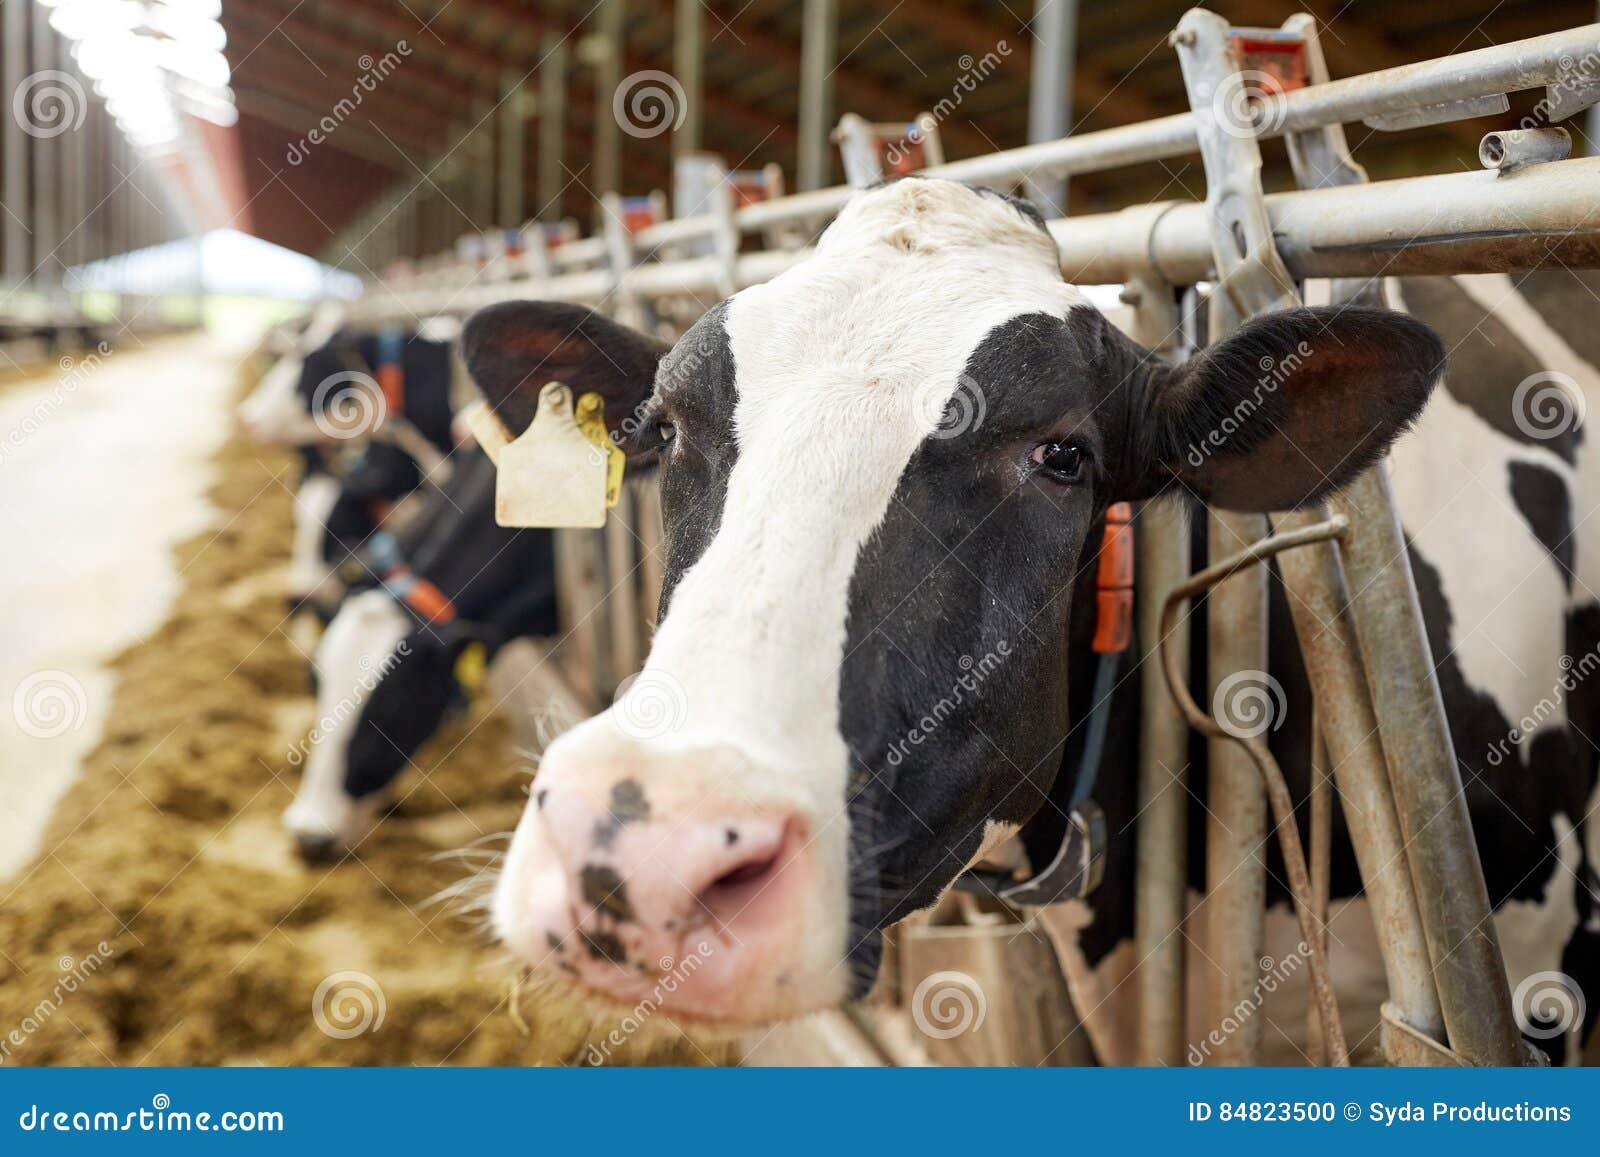 Gregge delle mucche che mangiano fieno in stalla sull azienda lattiera